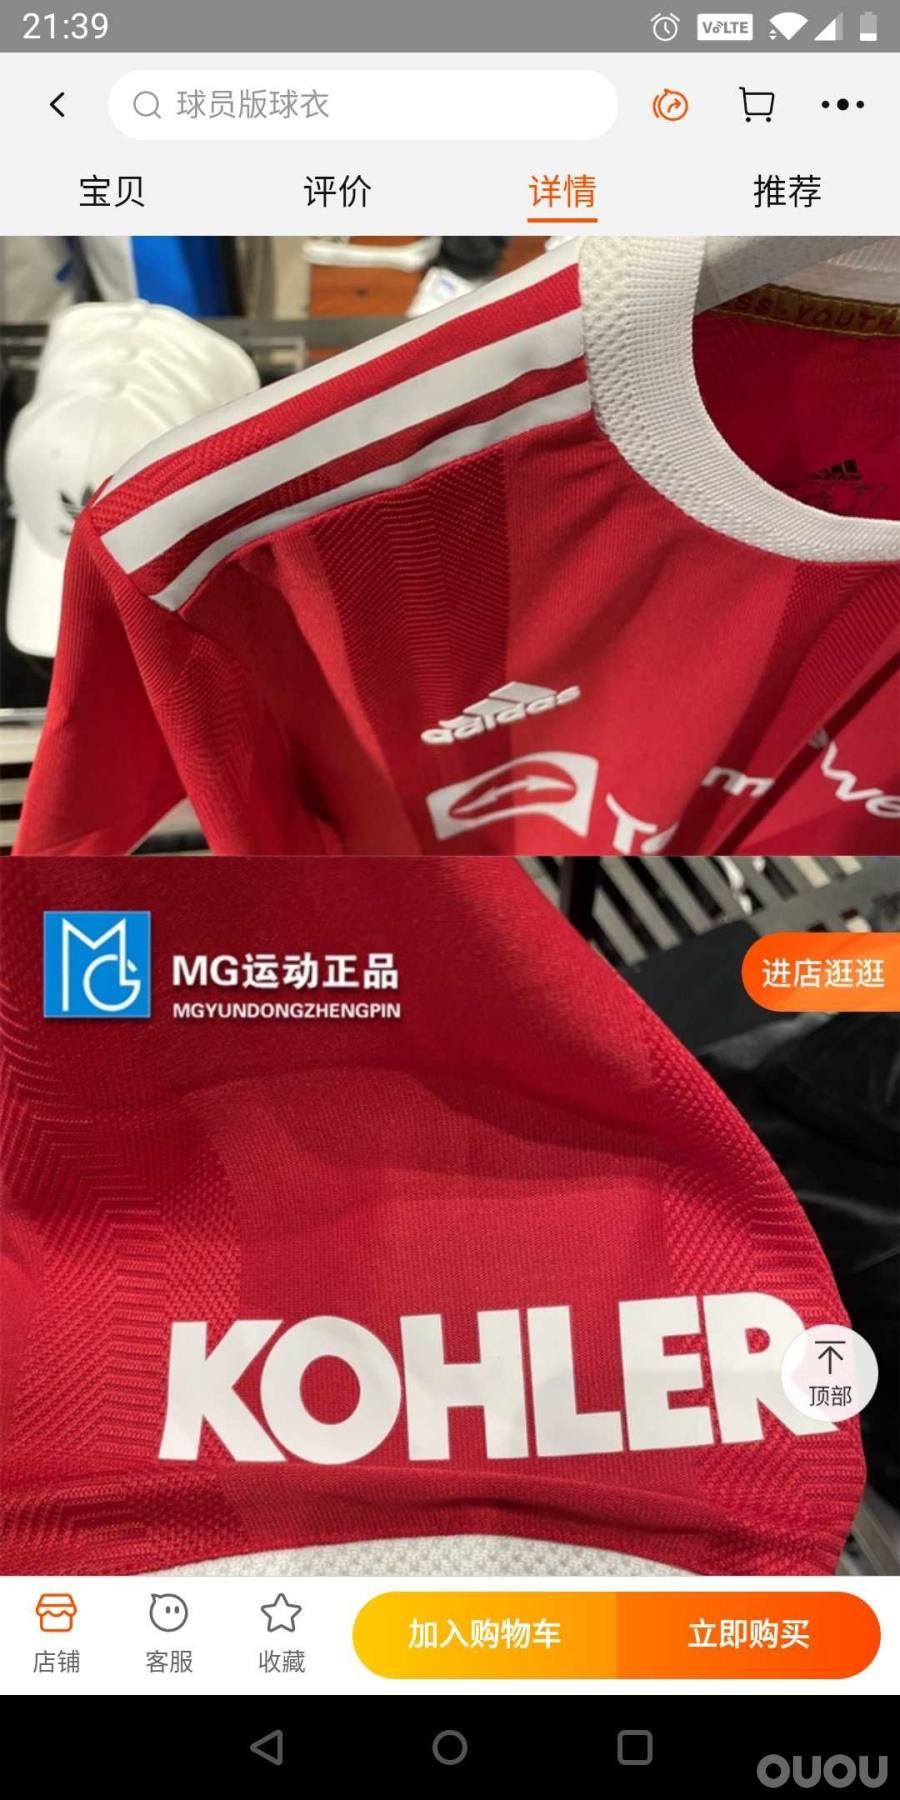 大佬们看看这家MG体育的球衣真吗?